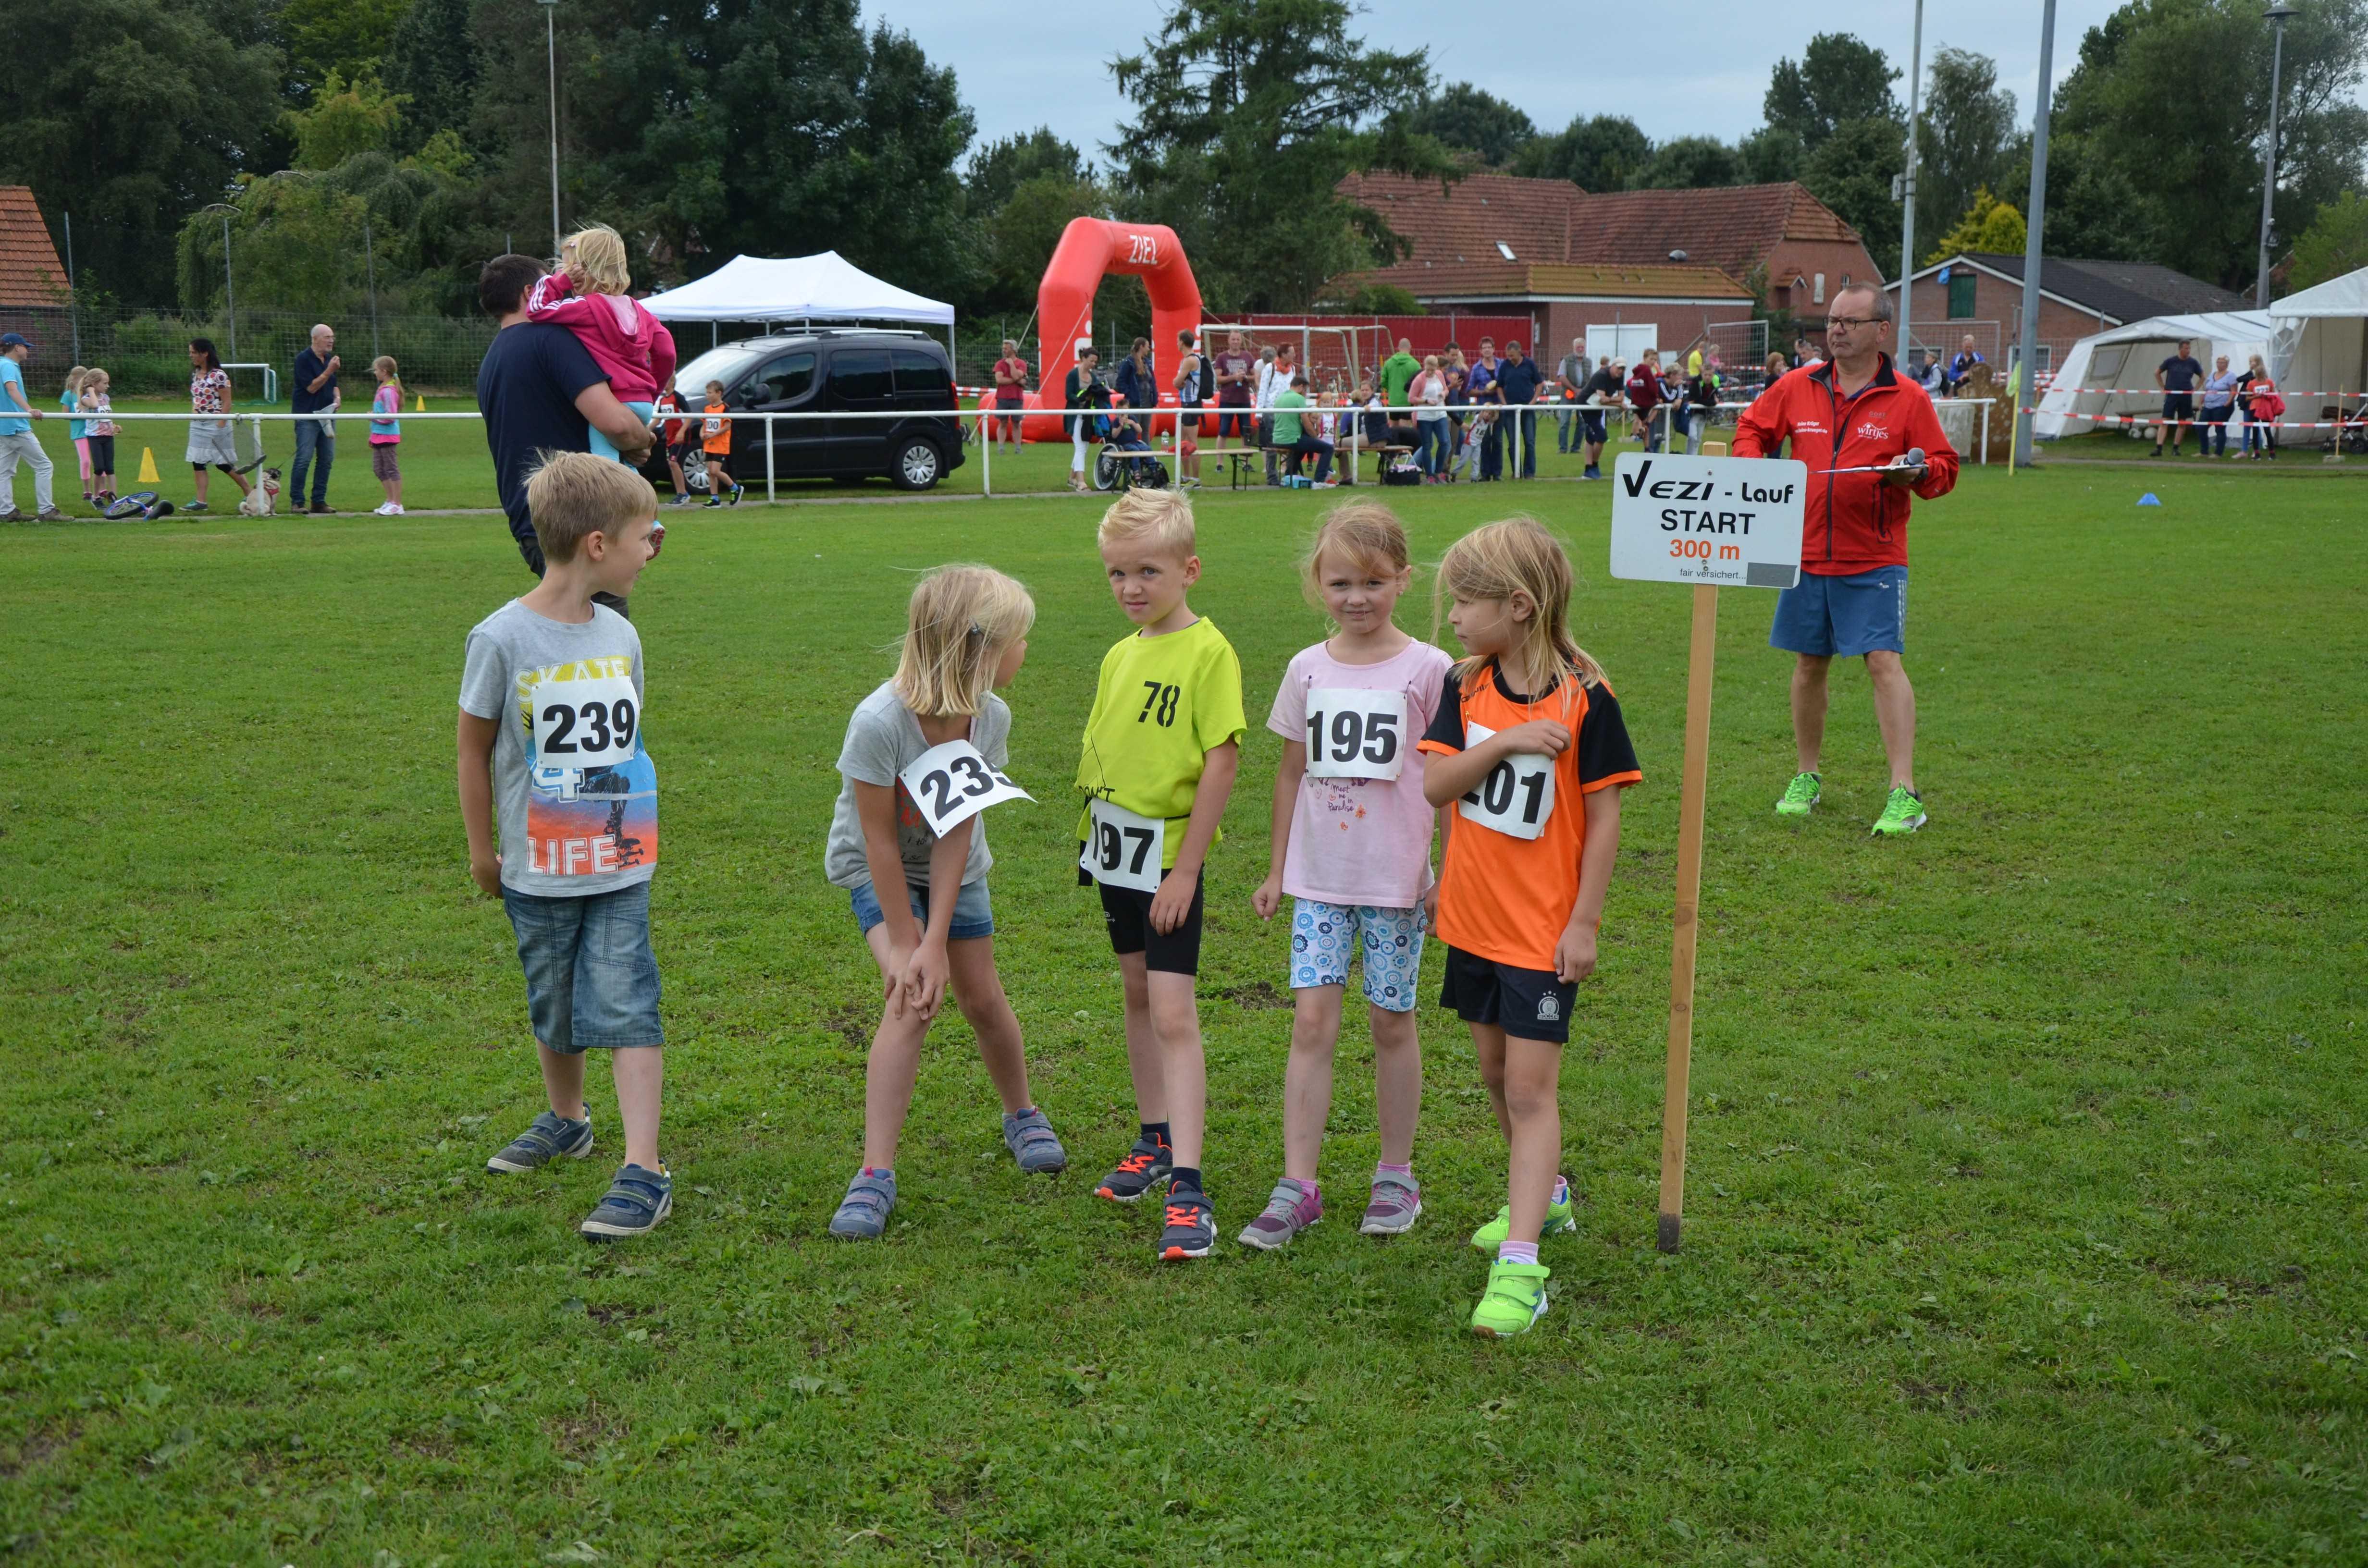 2017-08-05 Vezi Lauf (129)